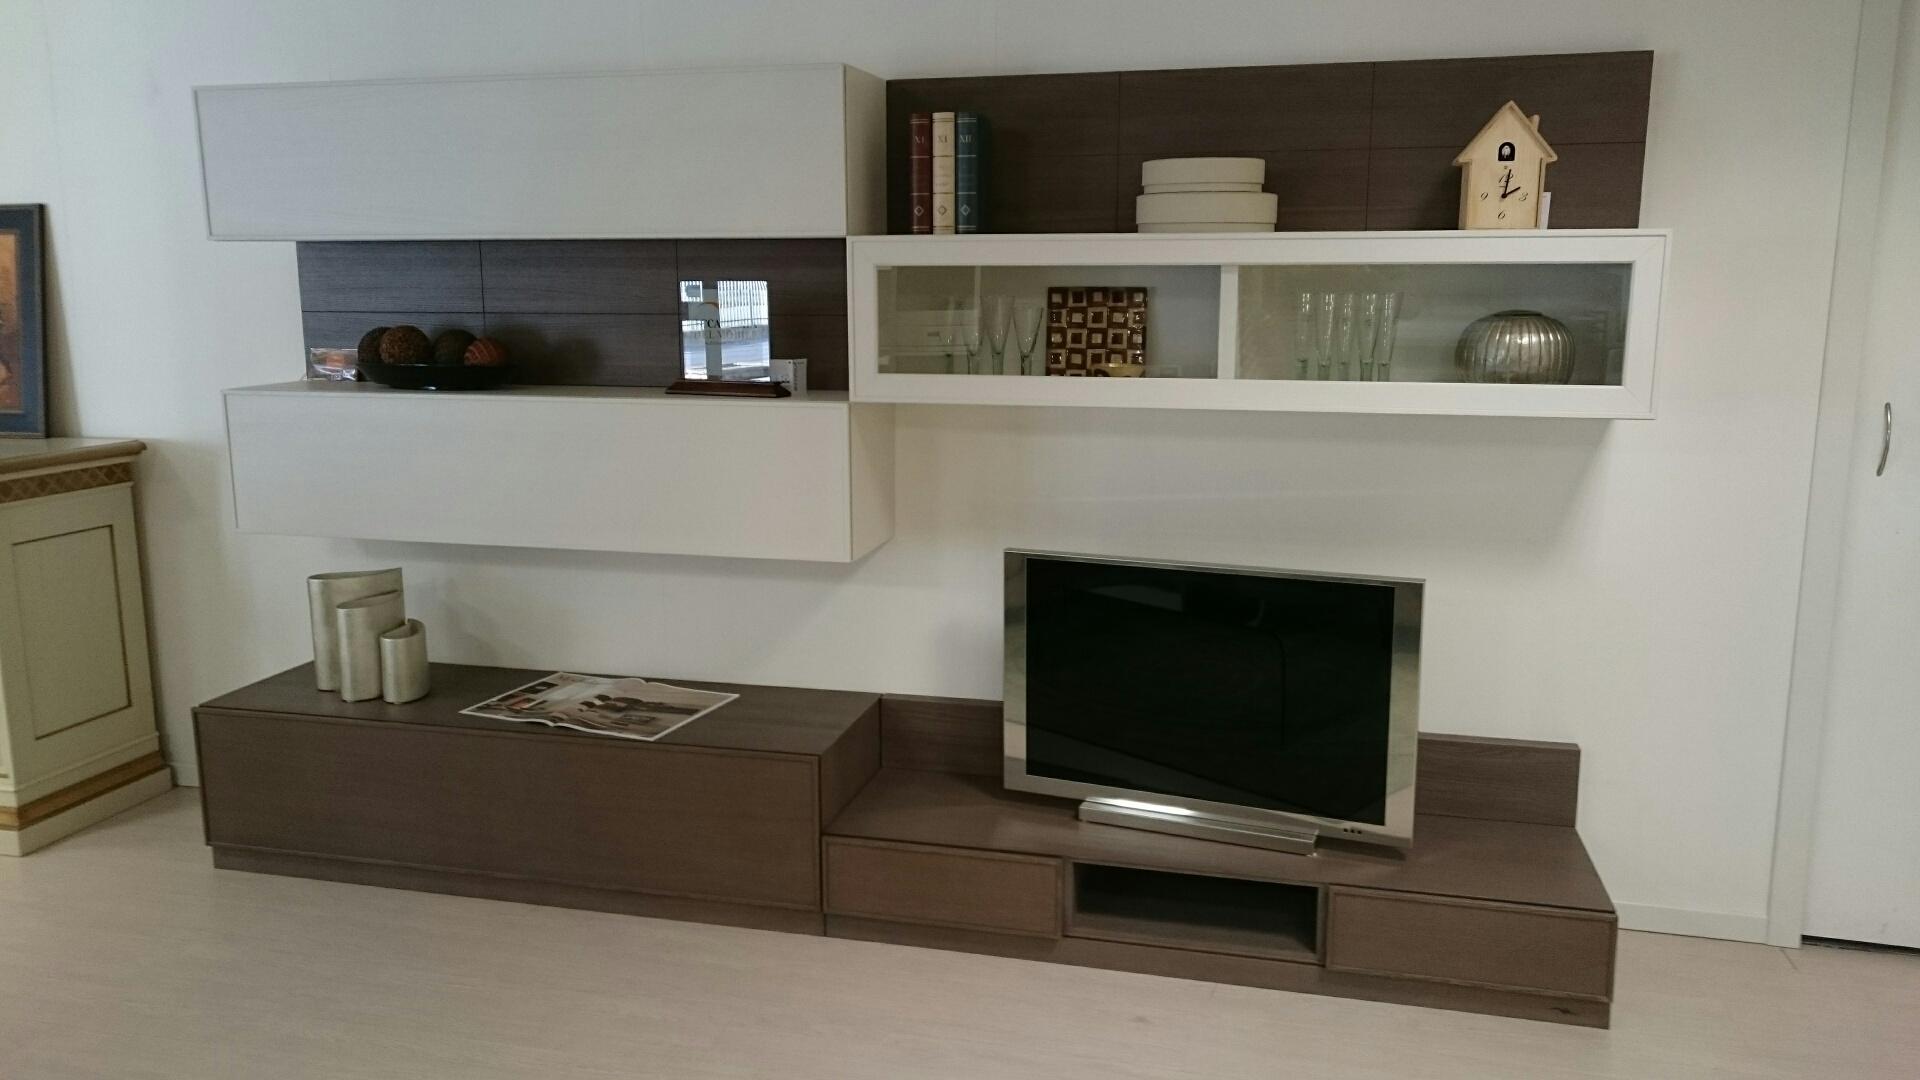 Stunning Mobili Per Soggiorno In Legno Ideas - House Design Ideas ...